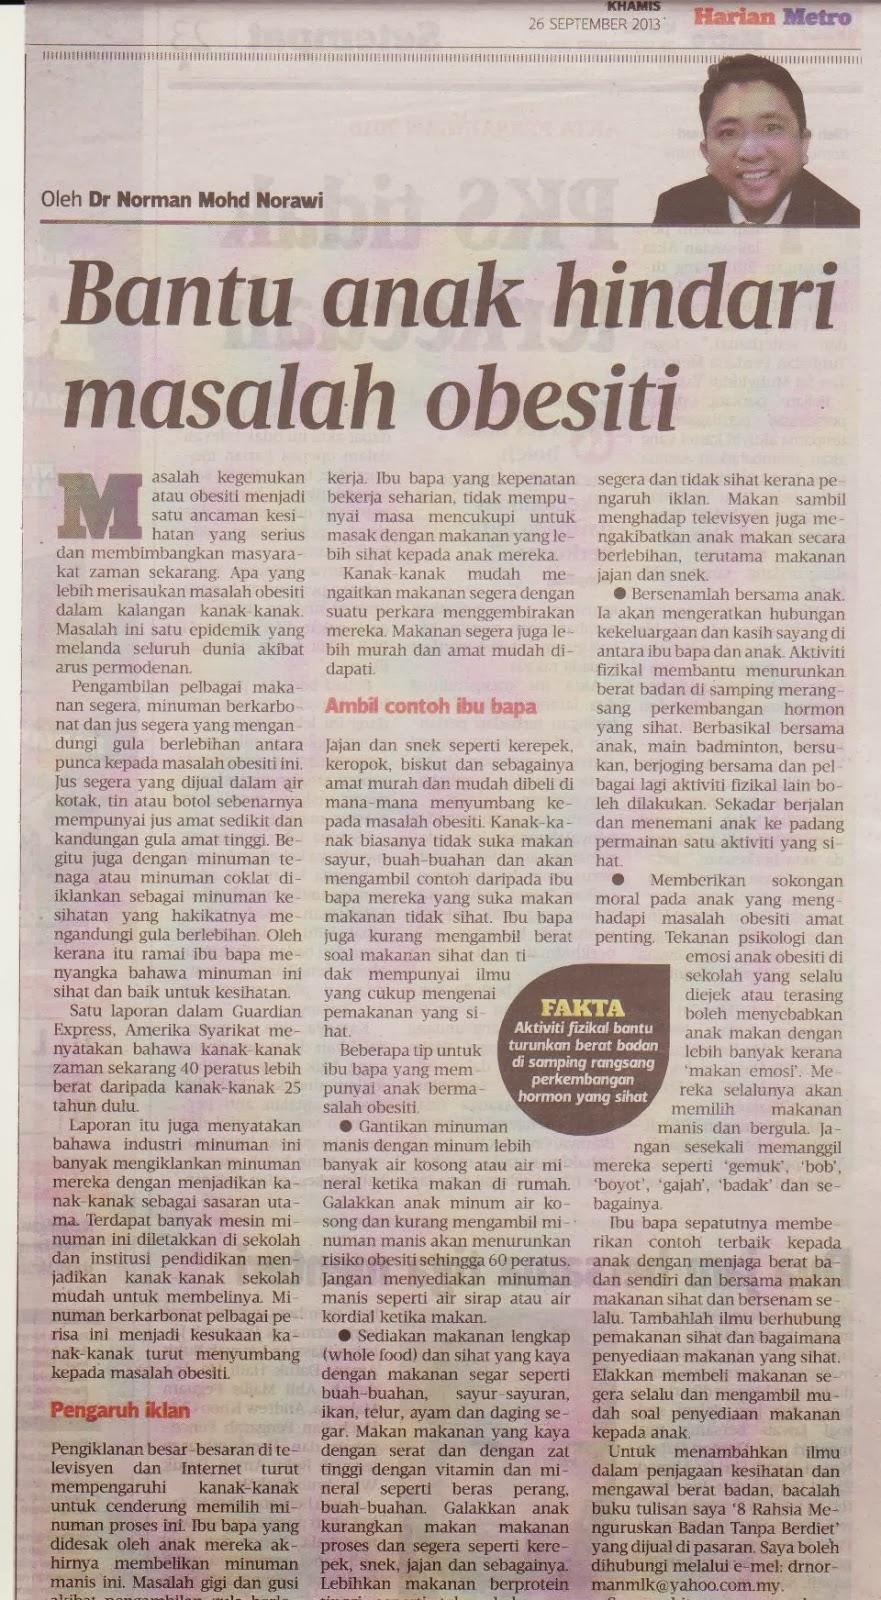 tabiat memakan makanan segera di kalangan Terutama di kalangan seperti makanan segera dan gula-gula mereka untuk makan lebih banyak faktor keluarga tabiat dalam keluarga yang.